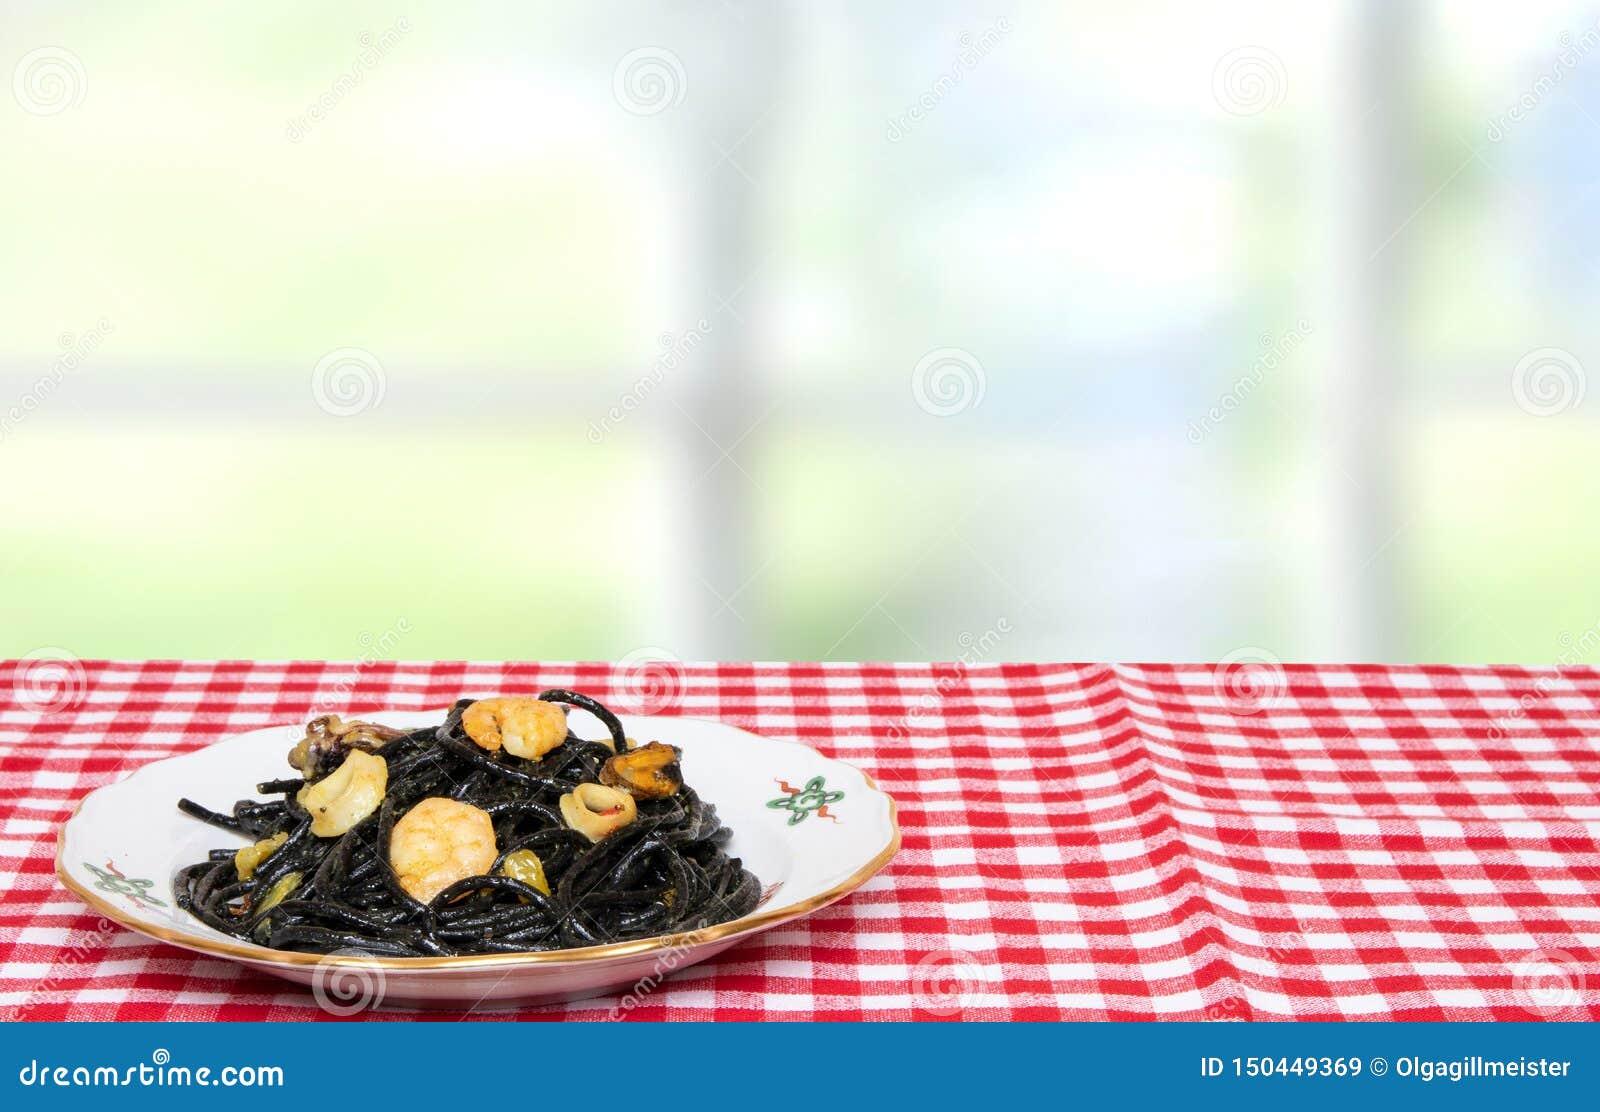 Sto?owy wierzcho?ek na owoce morza tle Zbli?enie ?r?dziemnomorscy czarni kluski z atramentem, mussels i garnelami na czerwieni cu